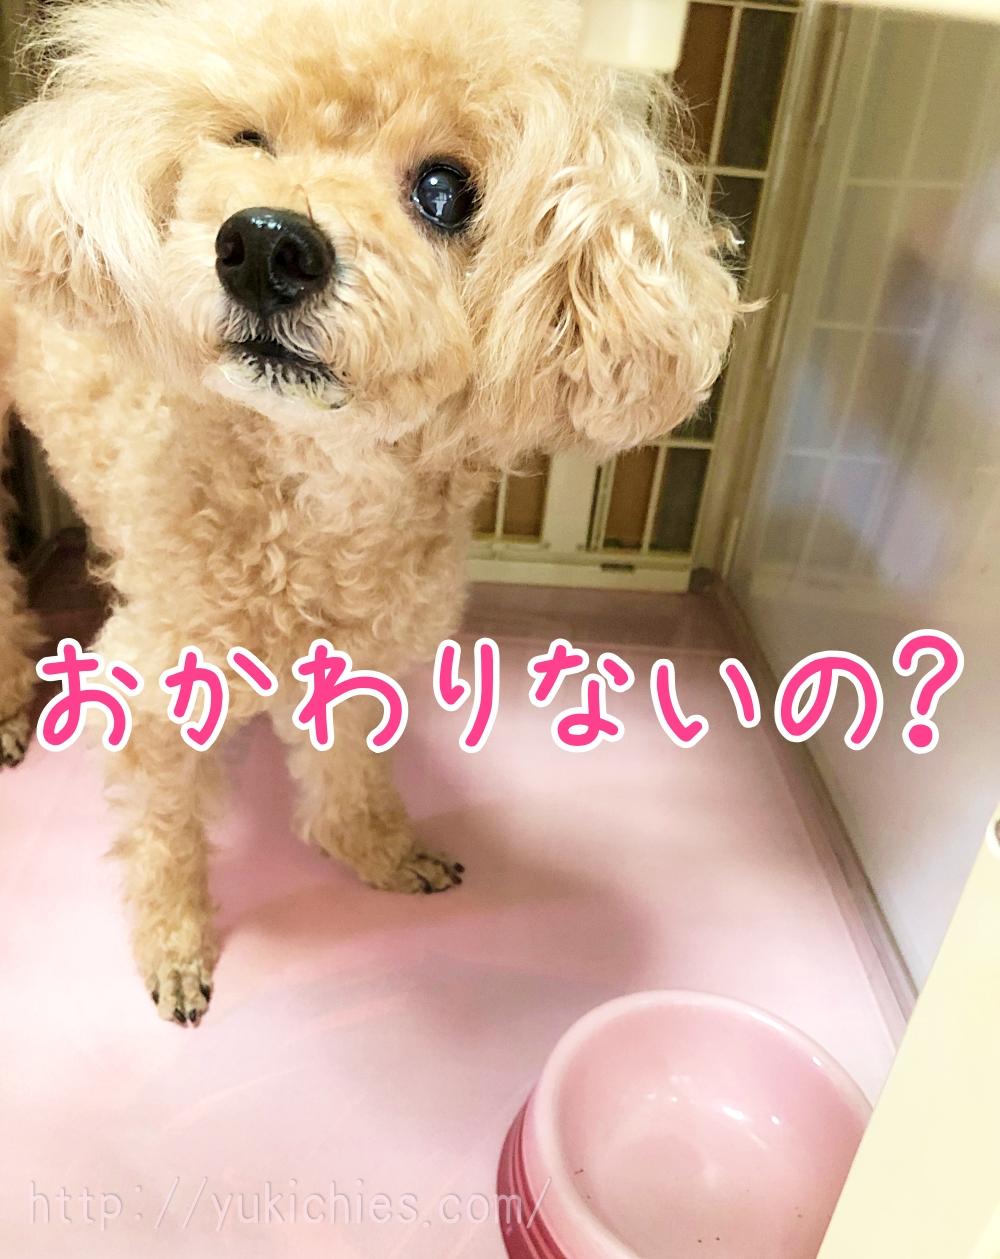 トイプー杏ちゃん『おかわりないの?』